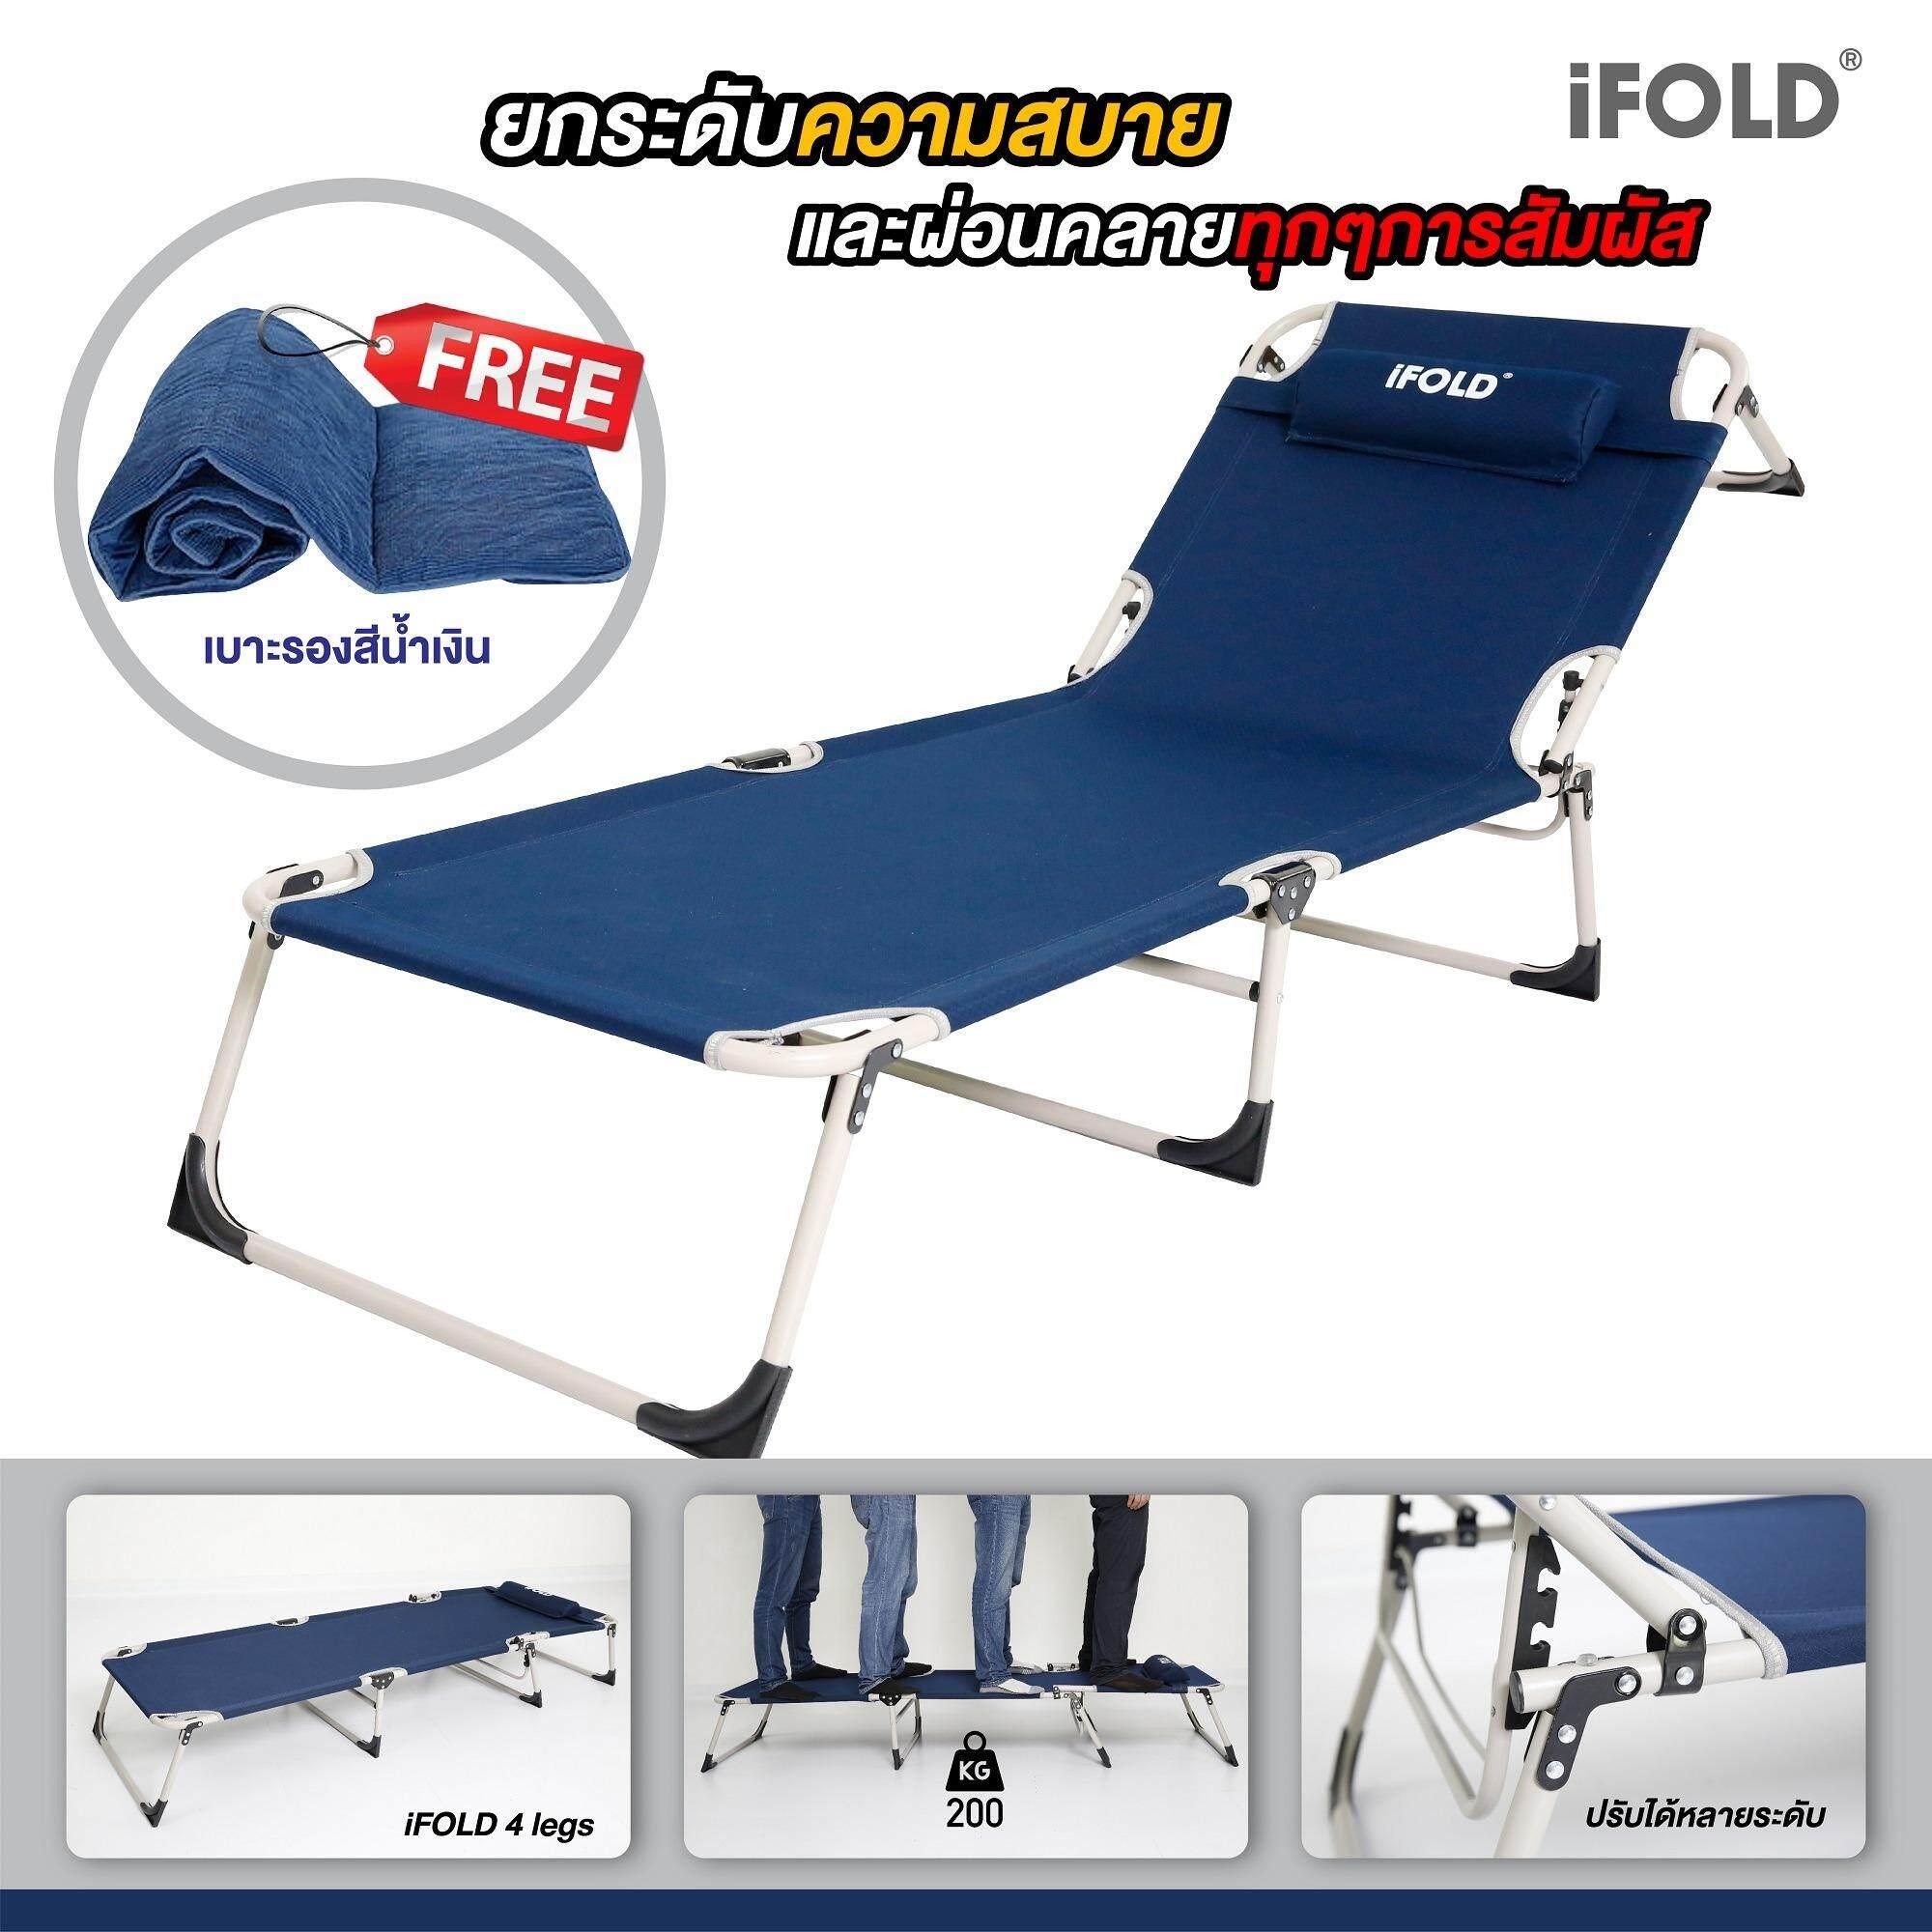 Ifold 4 Legs Blue เตียงสนามแบบพับได้ สีน้ำเงิน แถมเบาะรองนอนสีน้ำเงิน.